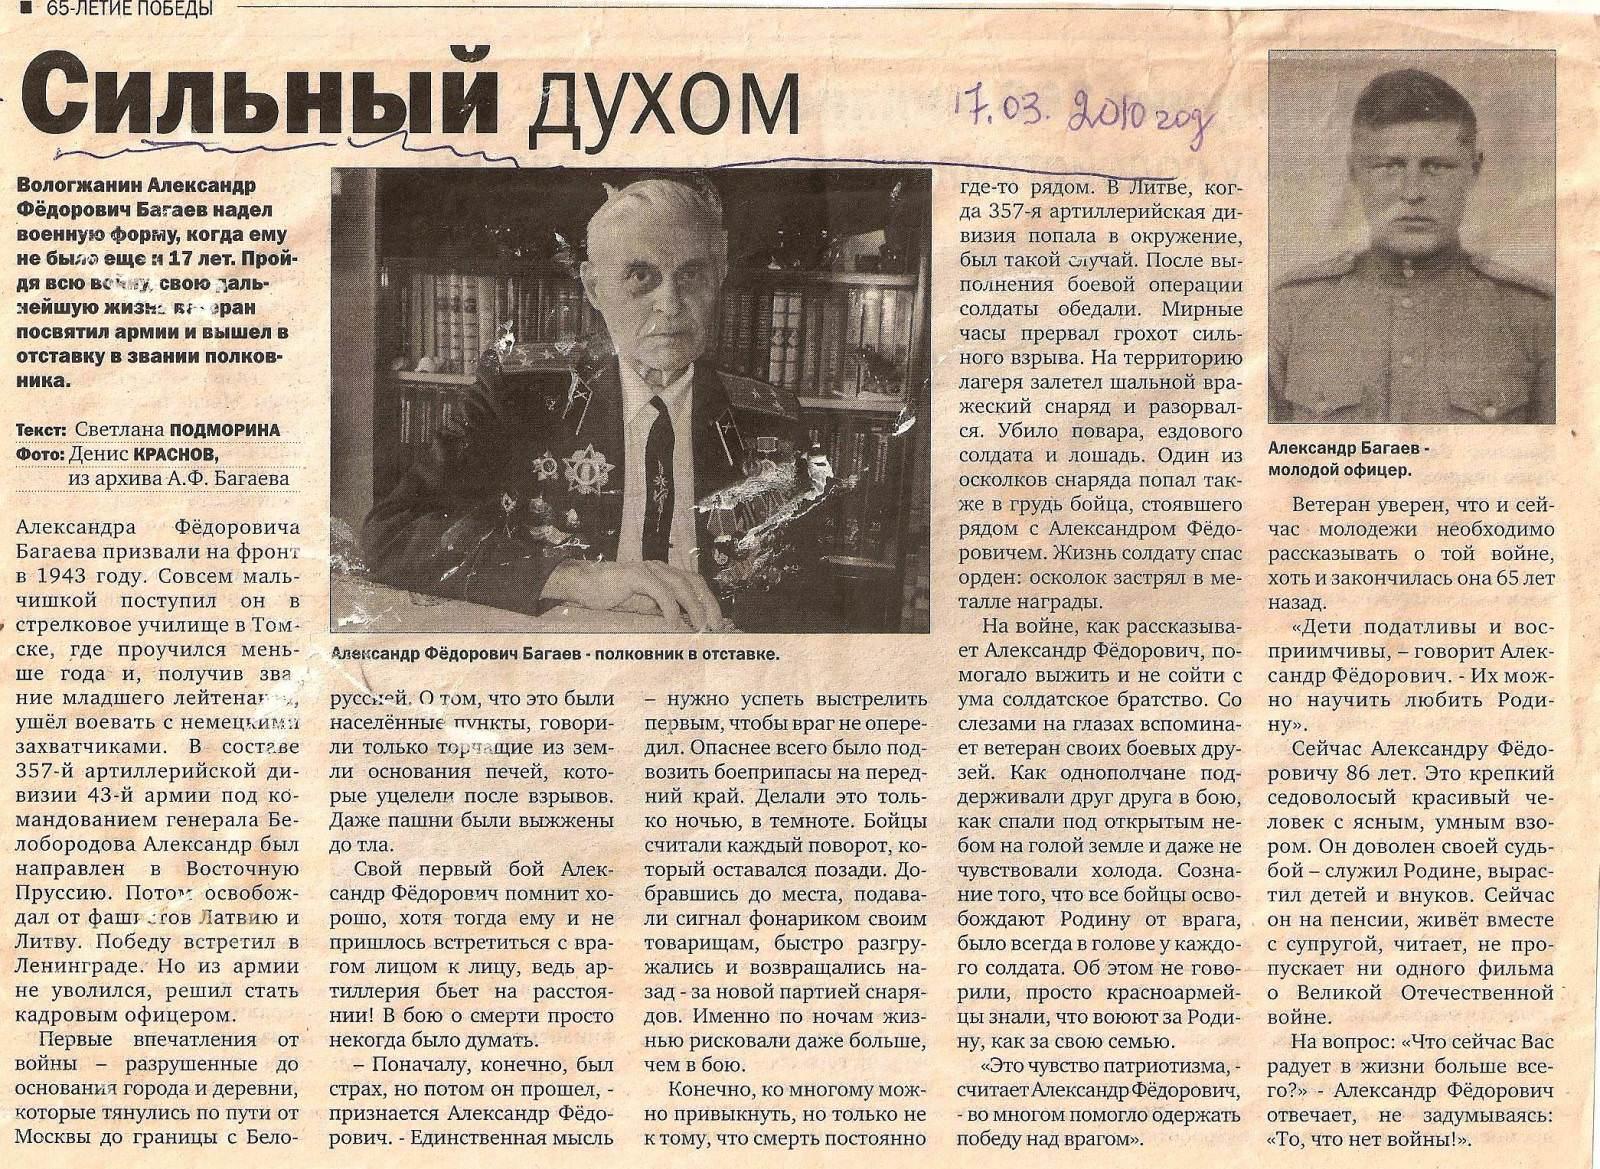 2010-03-17. Статья